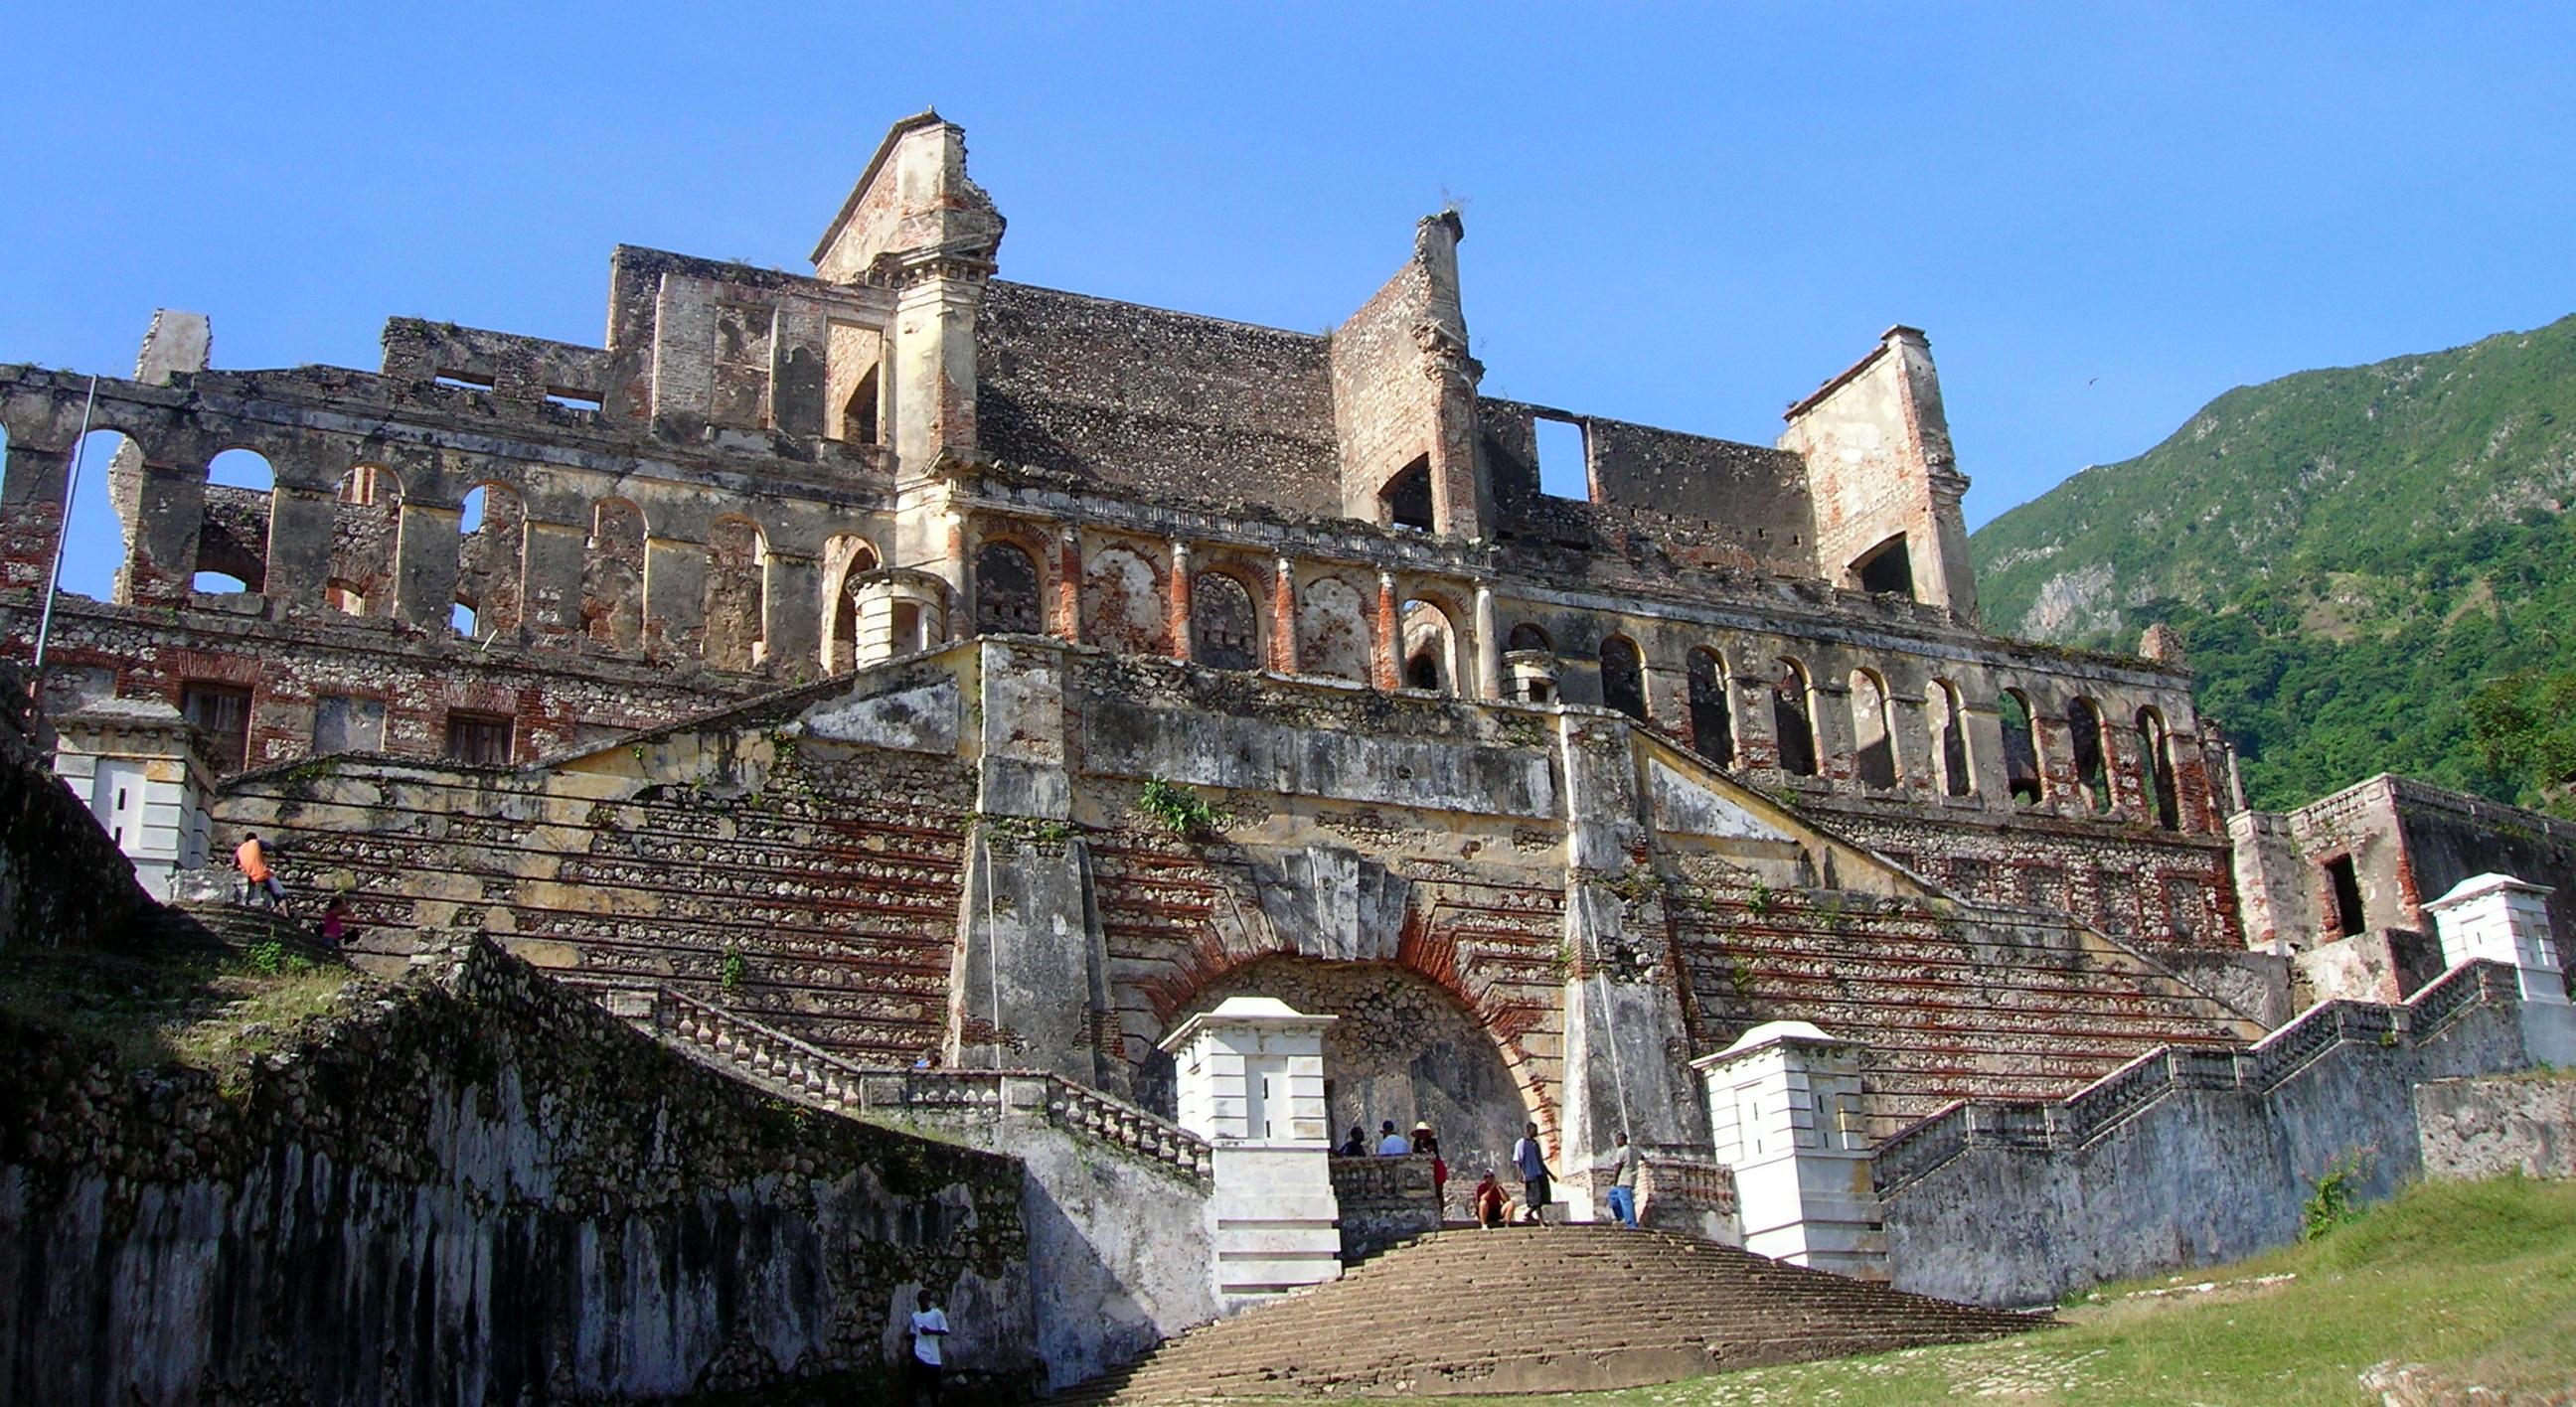 ארמון סנסוסי (האיטי)